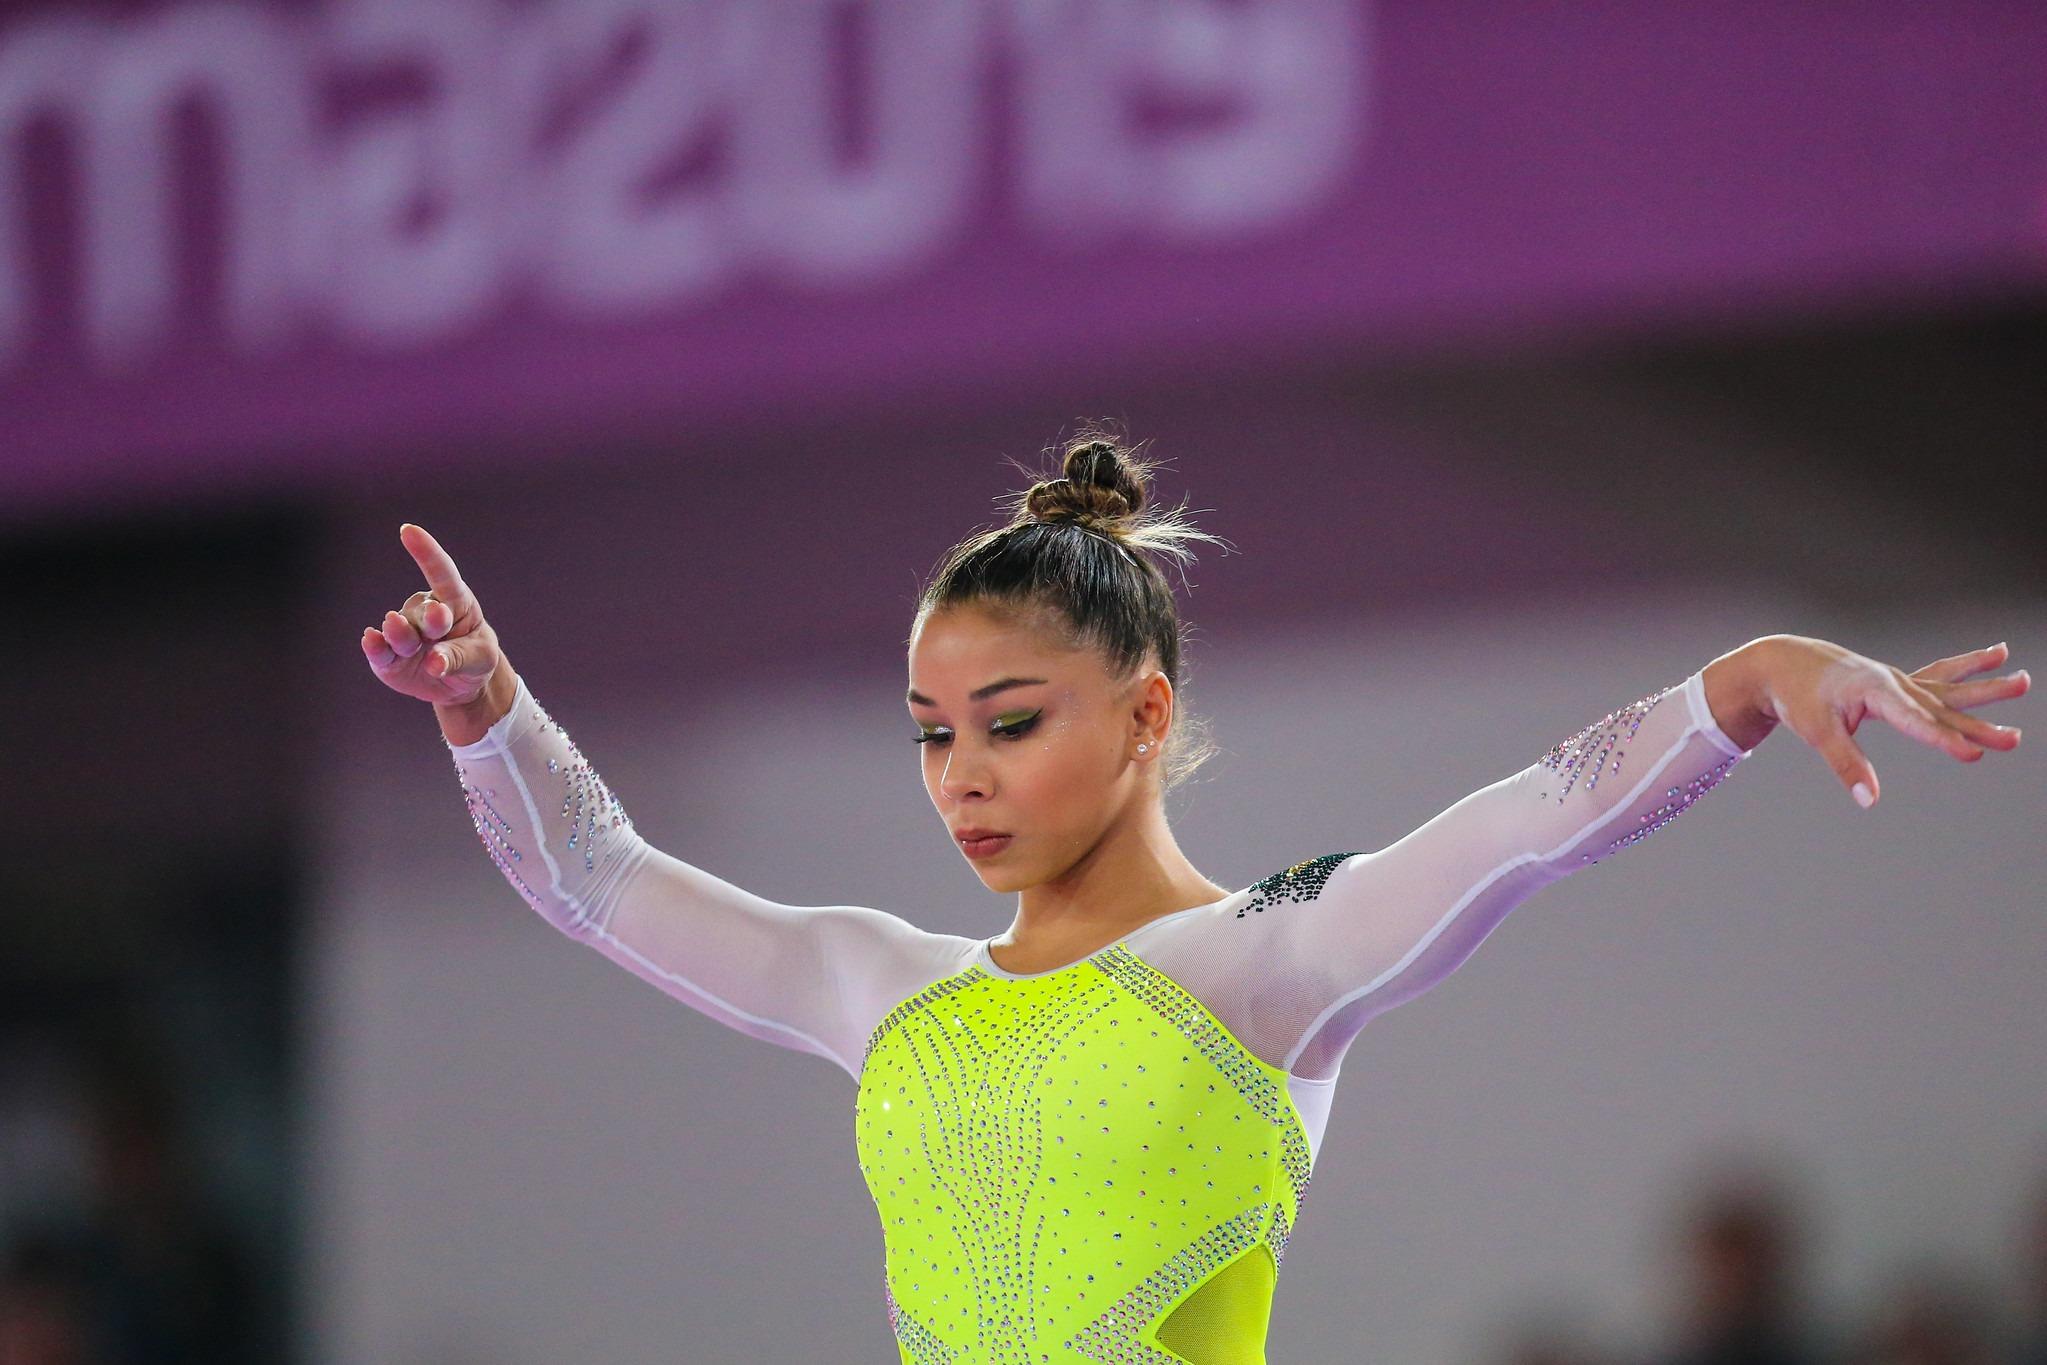 Flávia Saraiva repete resultado de Toronto e é bronze no individual geral em Lima